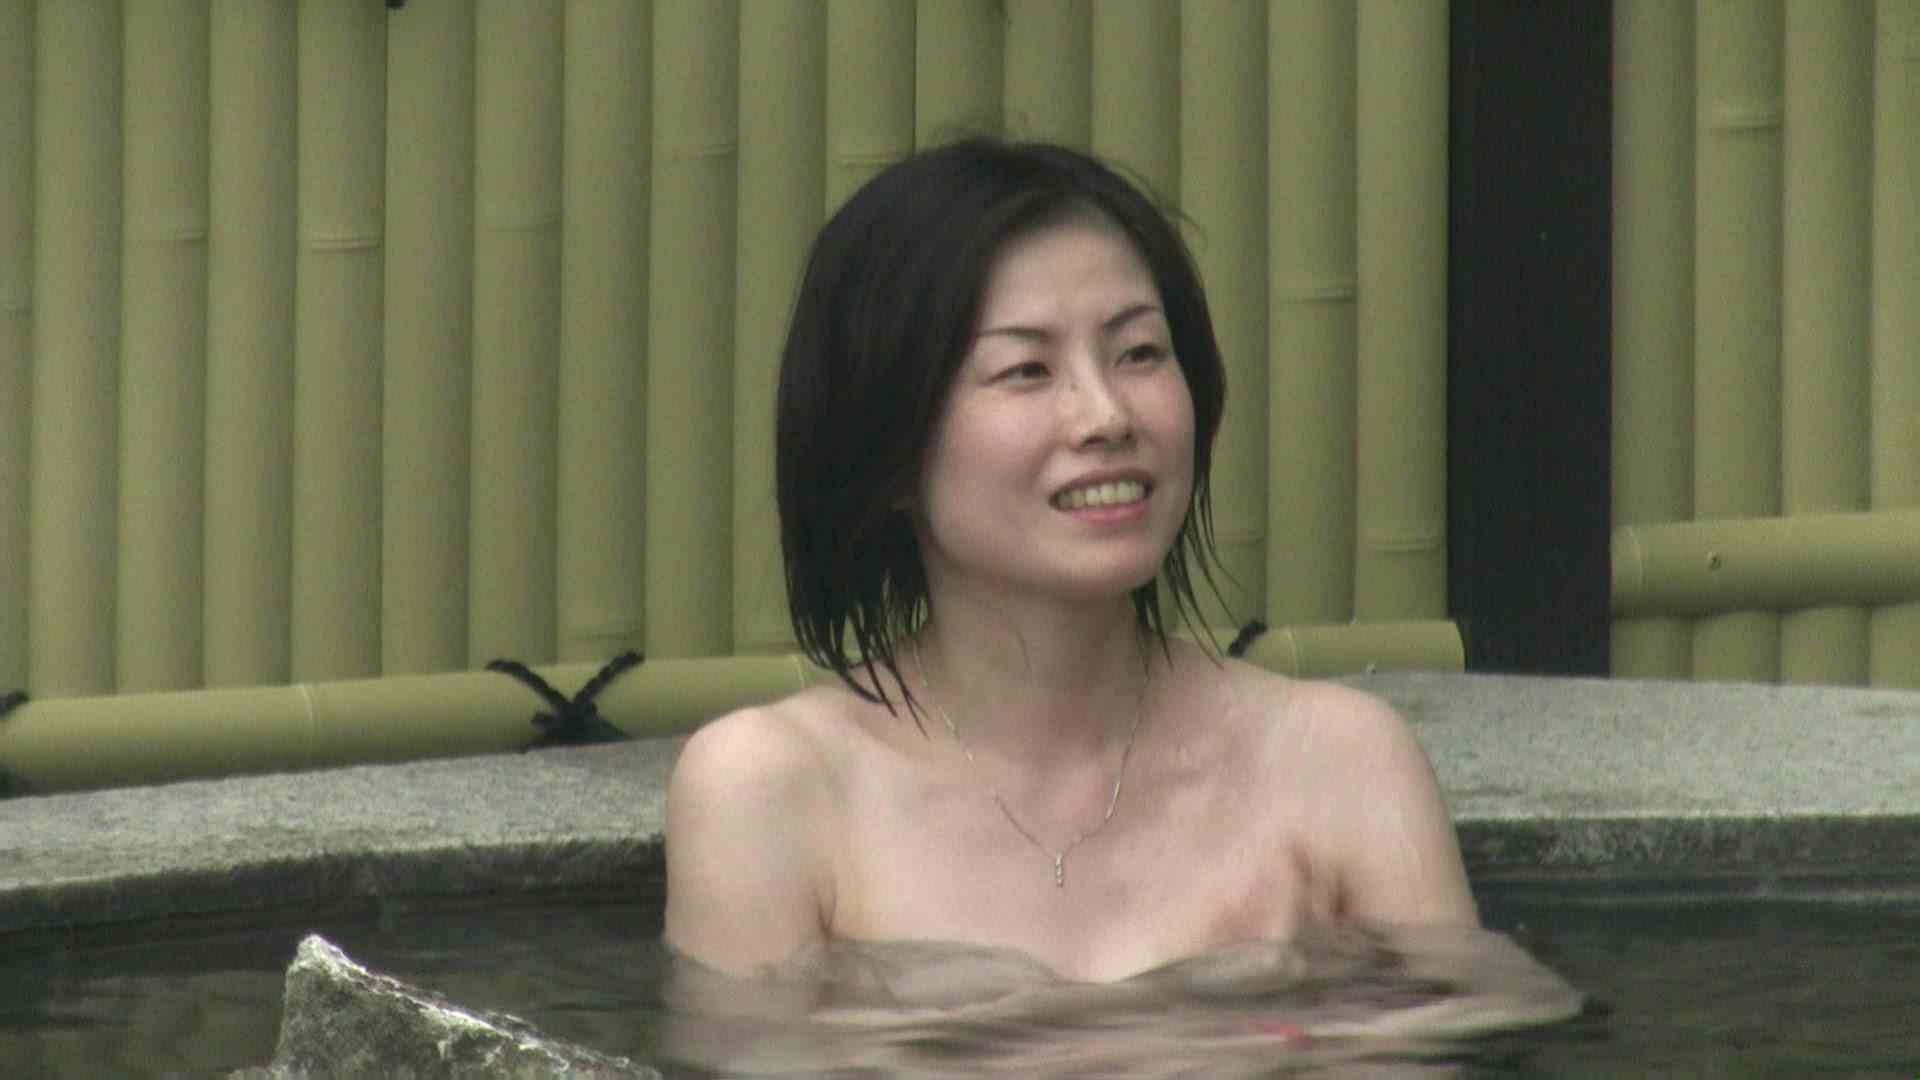 高画質露天女風呂観察 vol.035 望遠 | 綺麗なOLたち  84枚 43